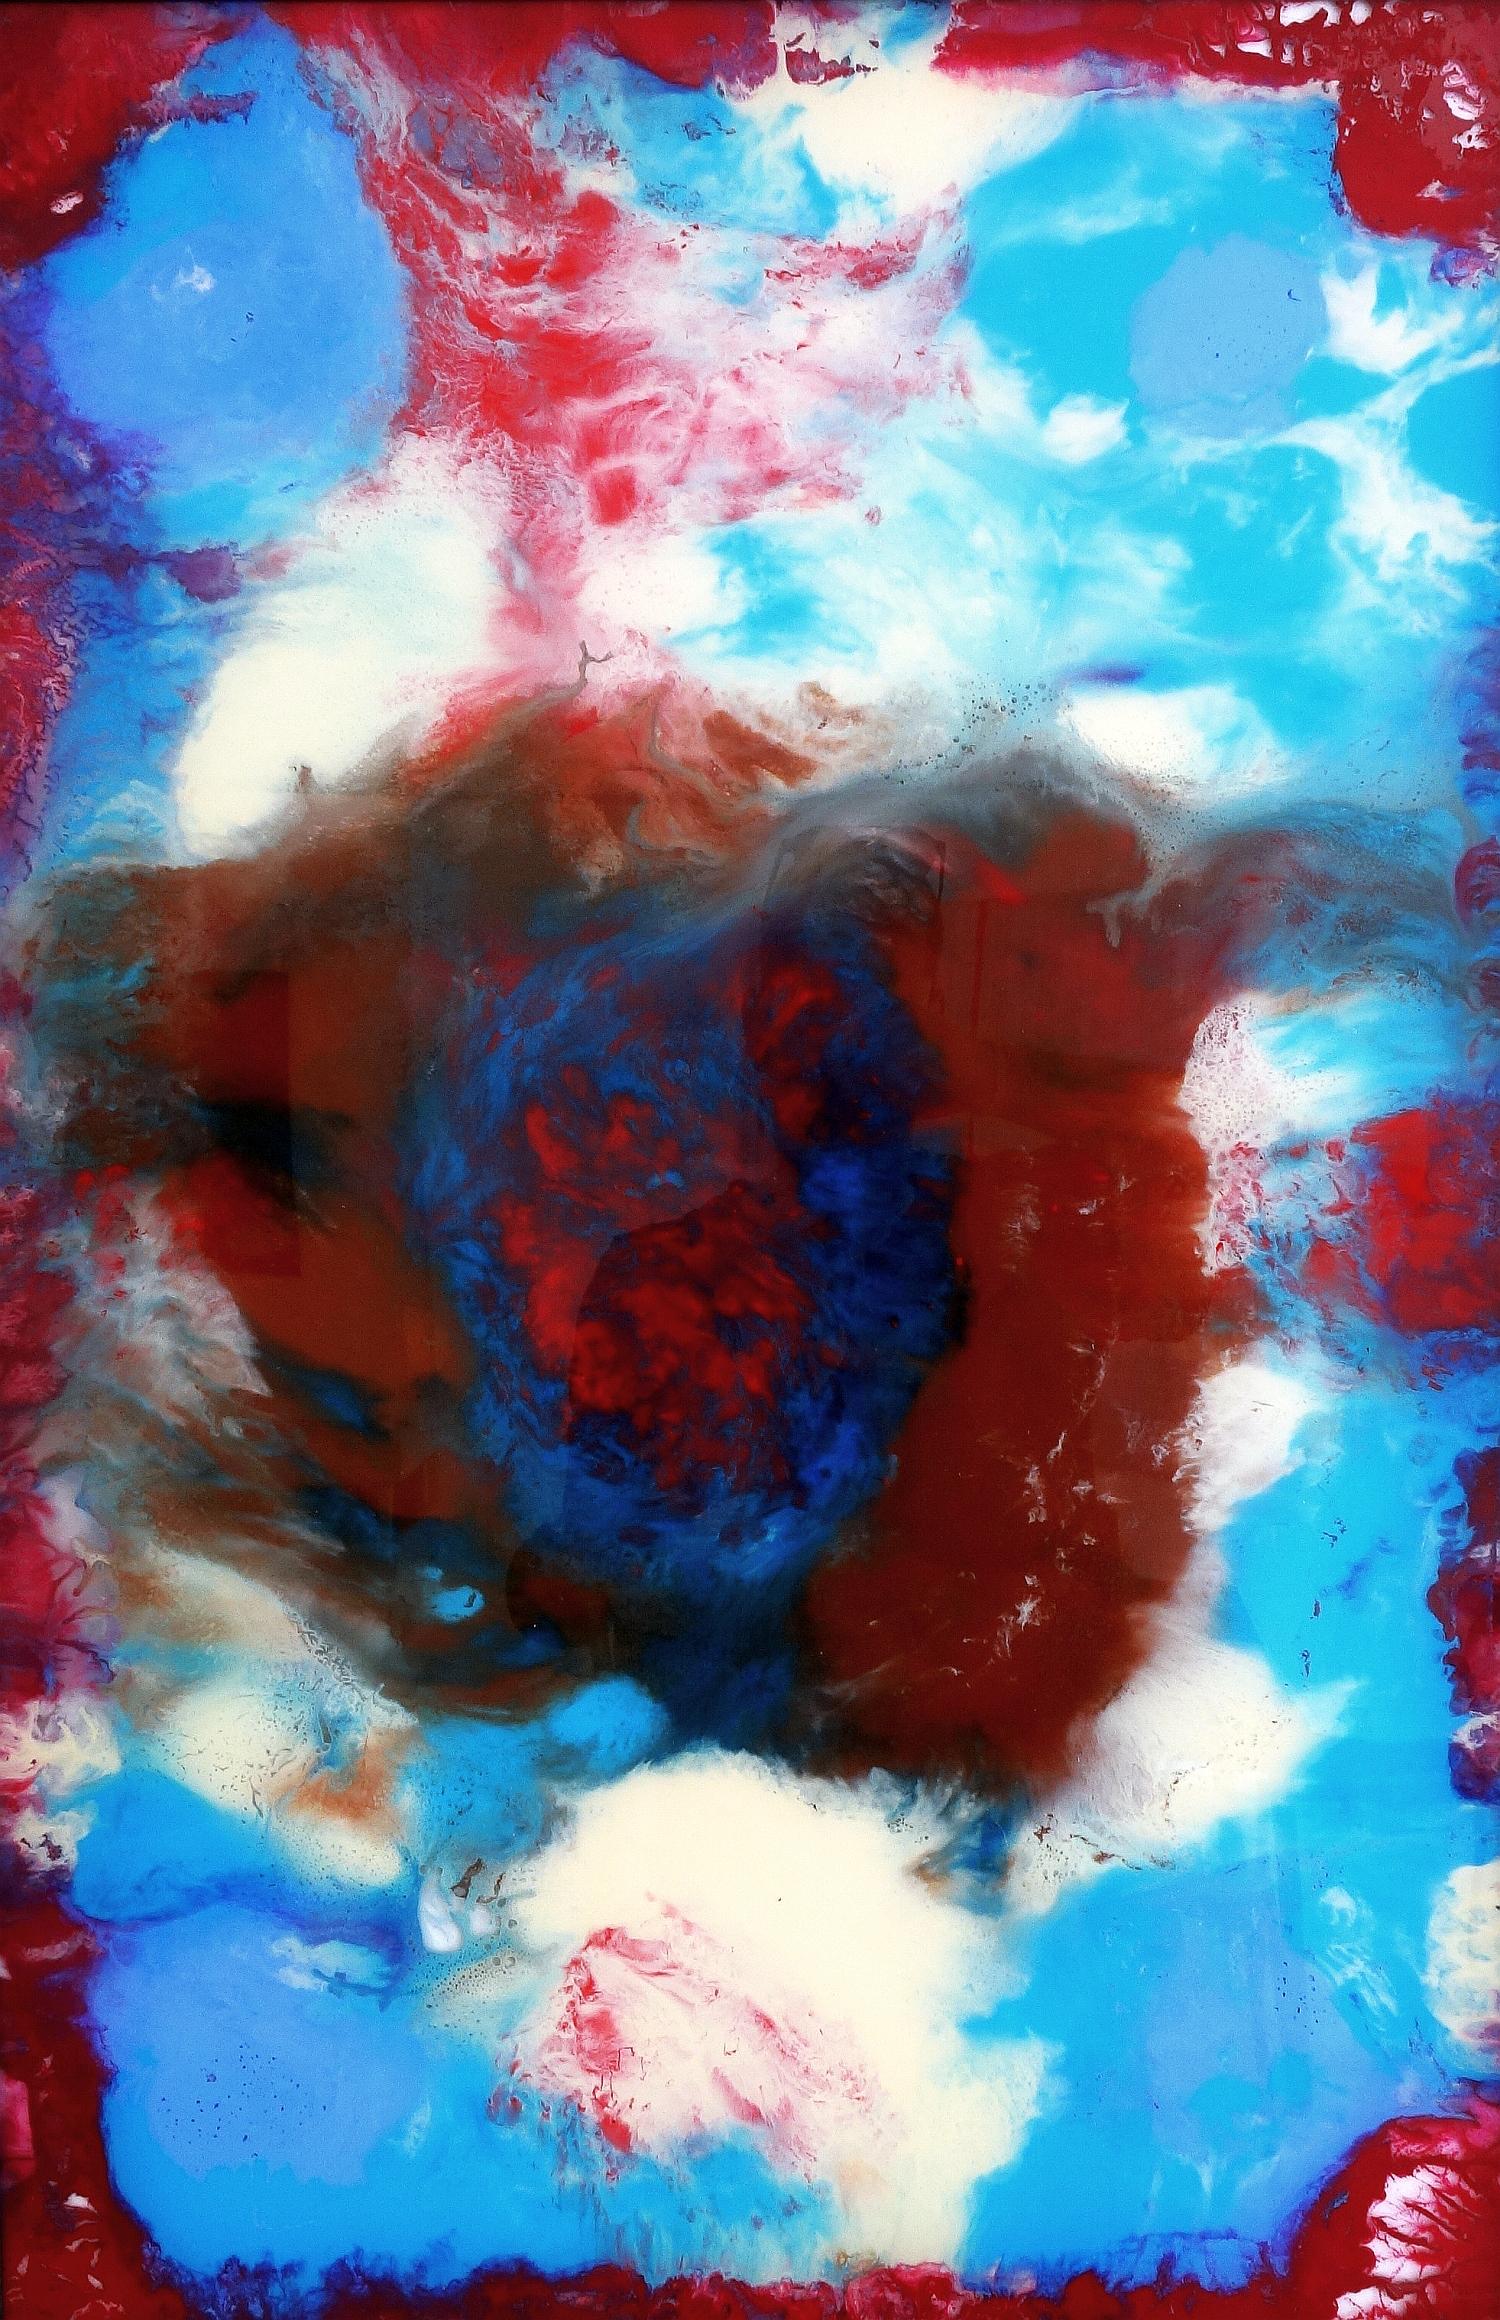 Dissolve_in_Cosmos_20_Pablo_Saborio.jpg